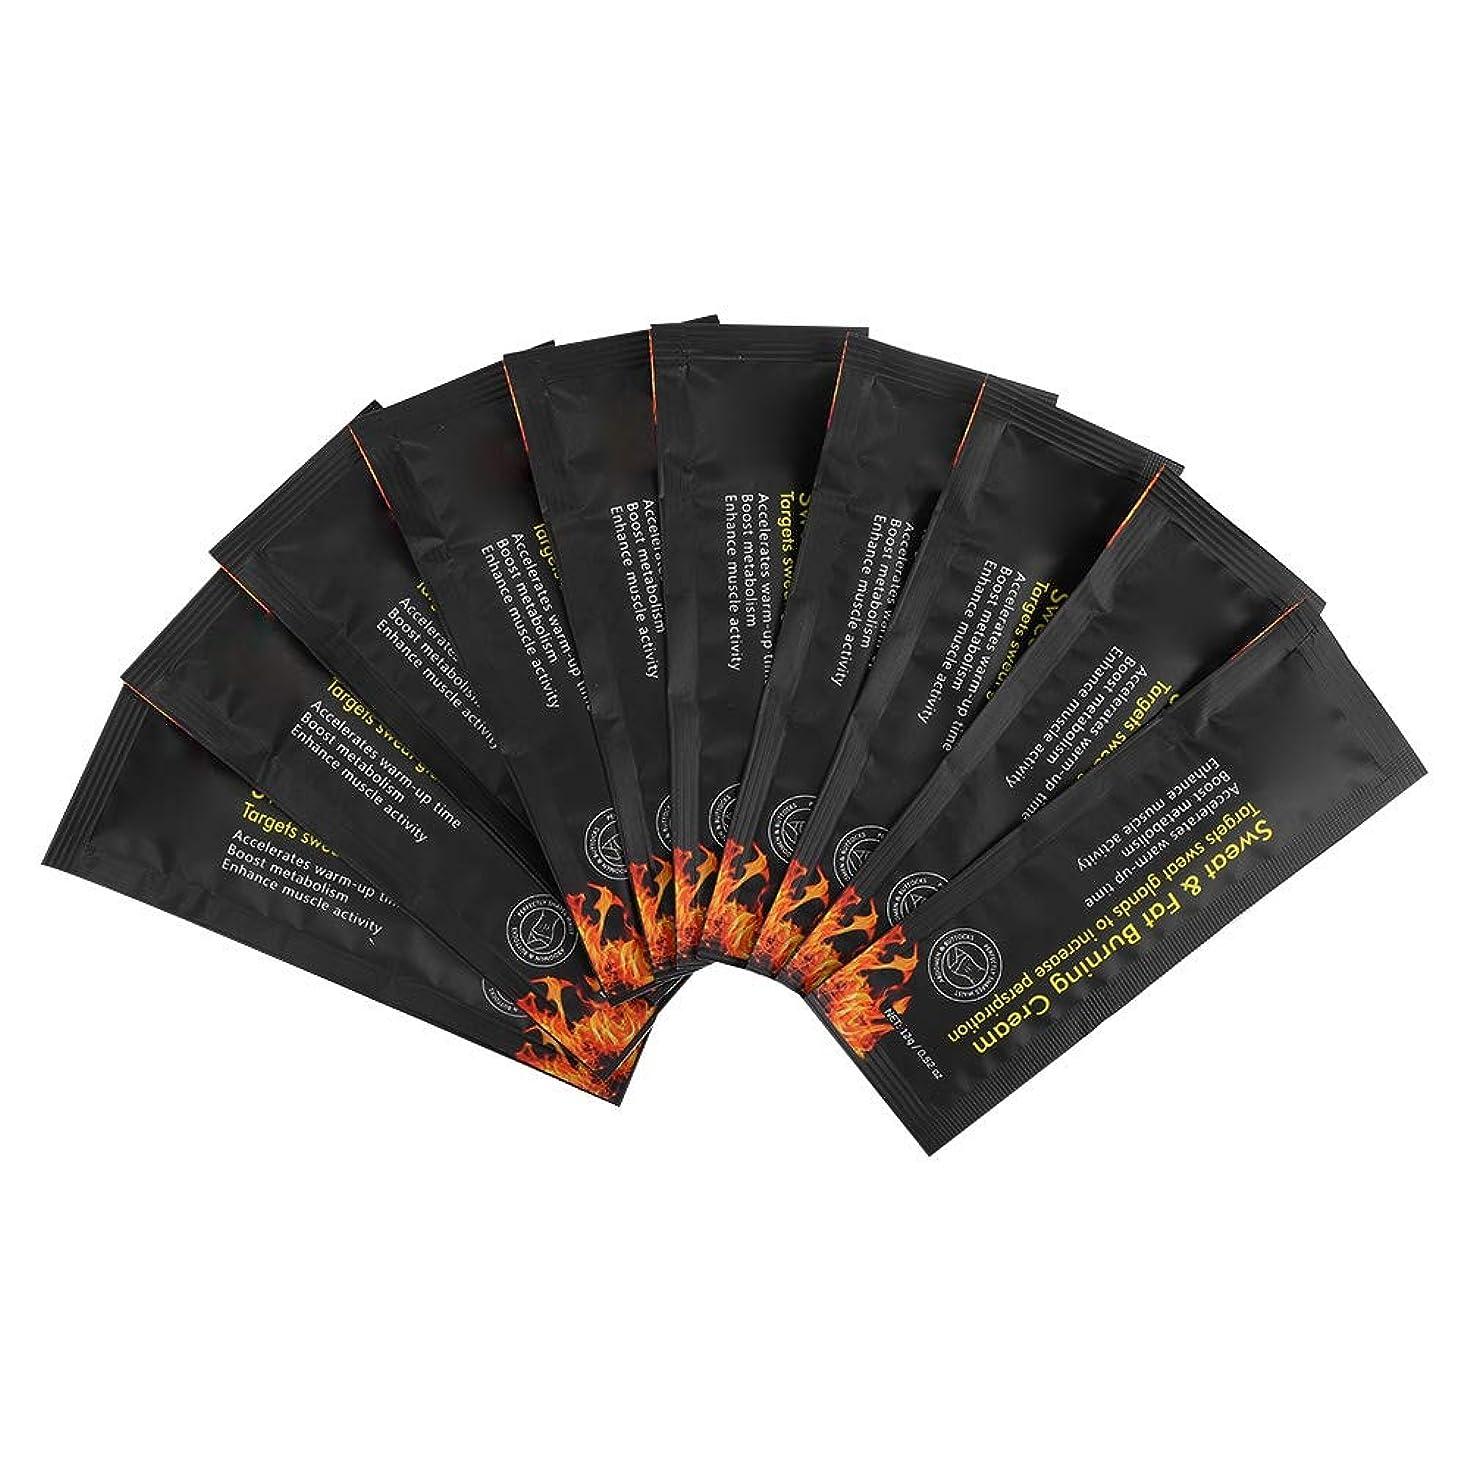 体ミスバッジNitrip スリミングジェル 痩身ジェル 減量クリーム 10袋 脂肪燃焼 男女兼用 無毒 安全